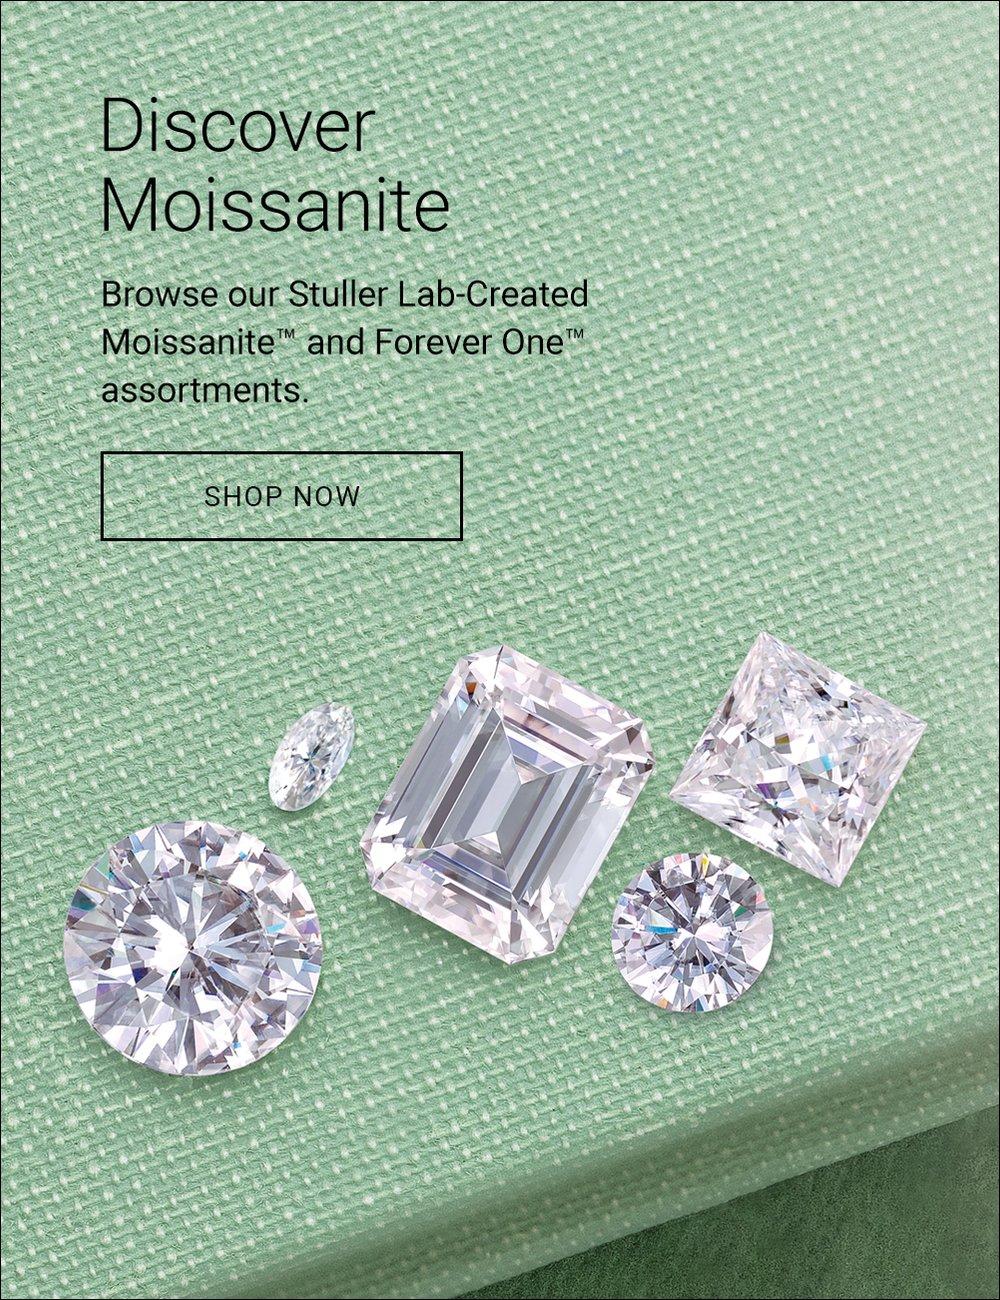 Discover Moissanite